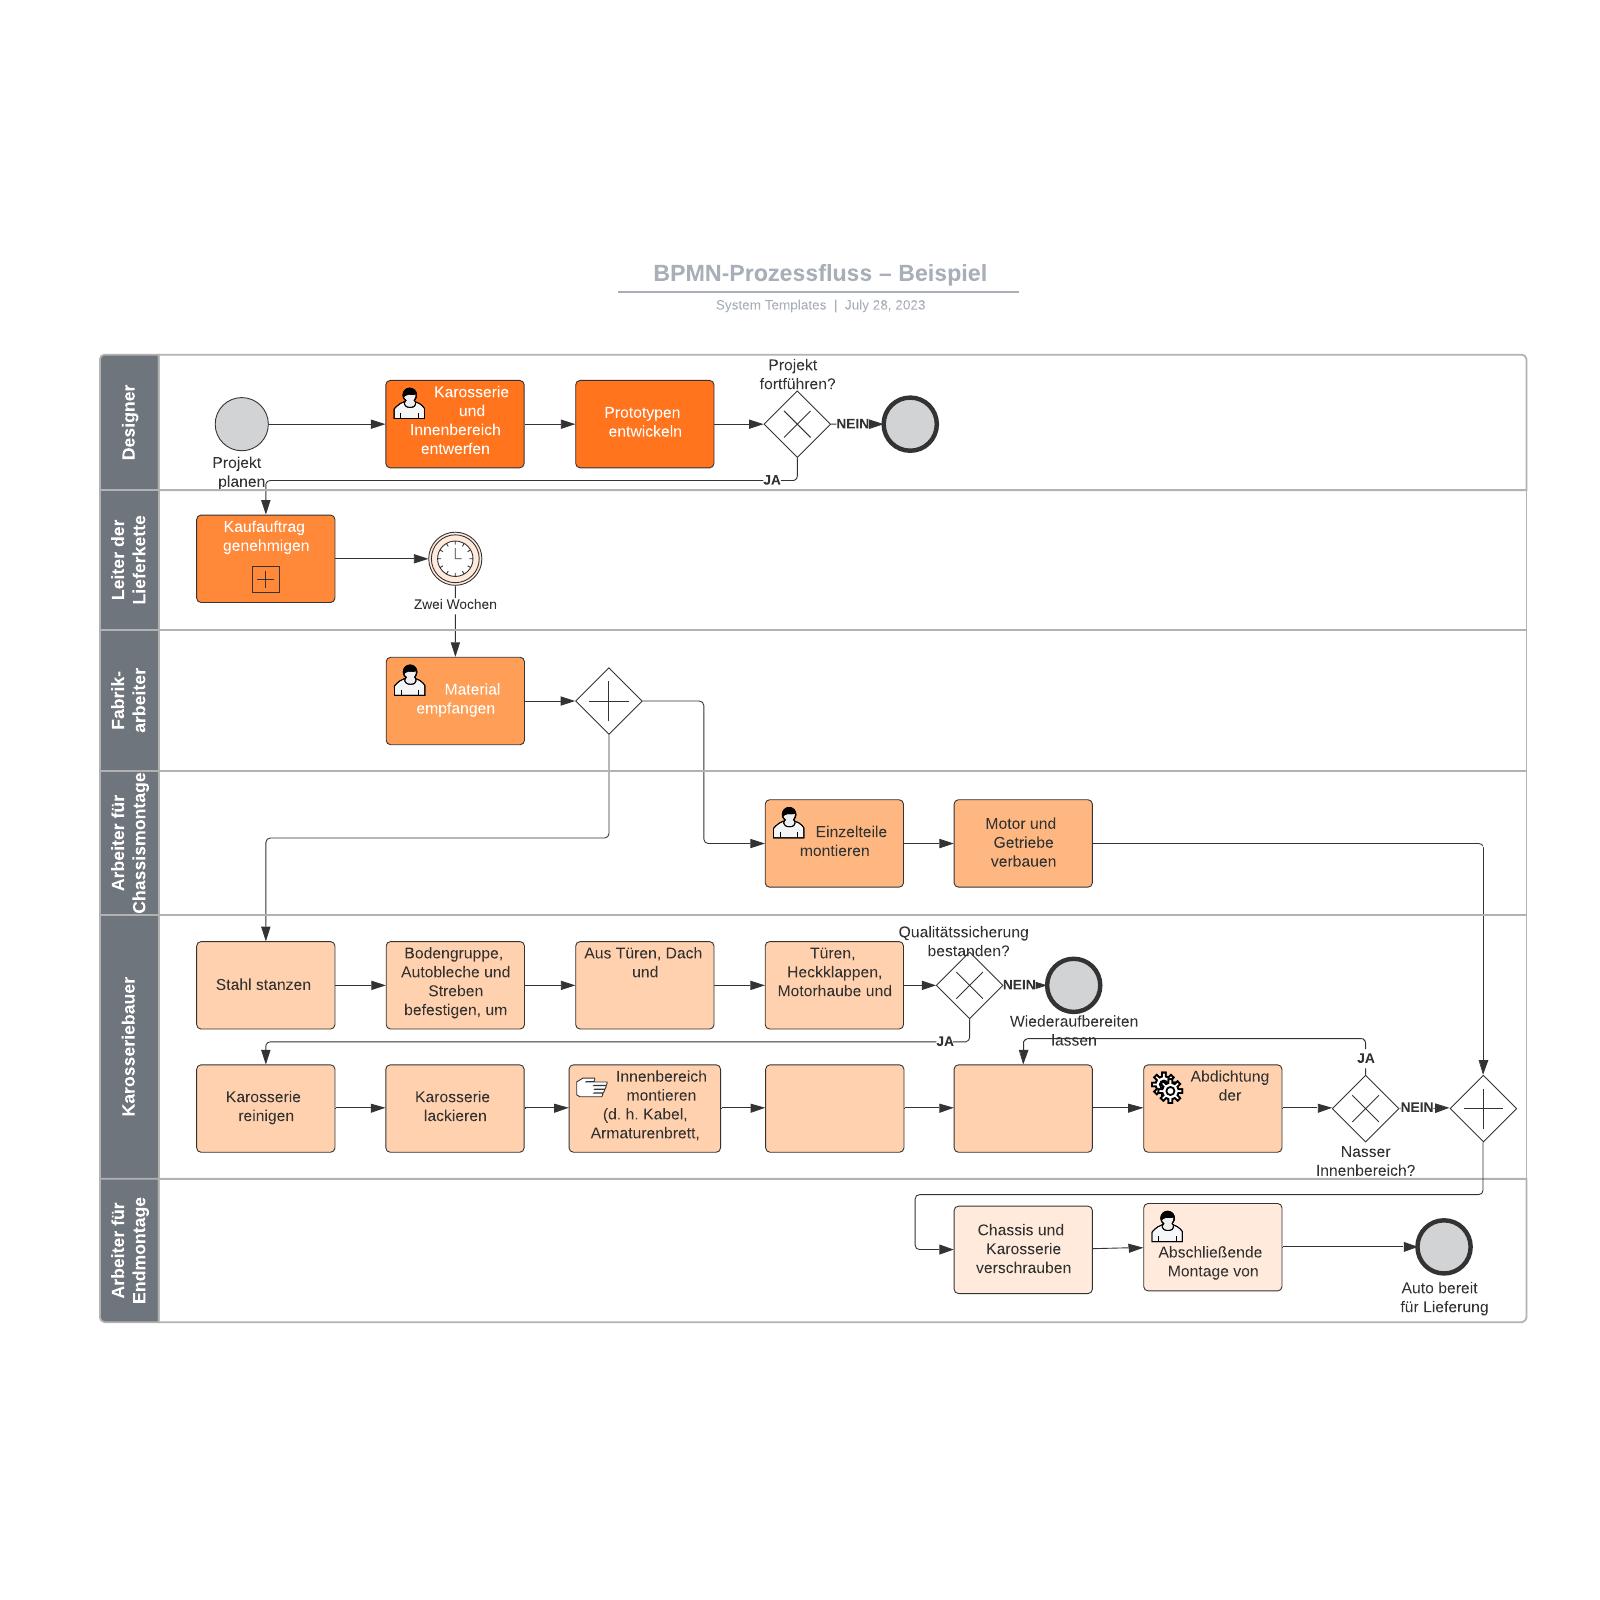 BPMN-Prozessfluss – Beispiel